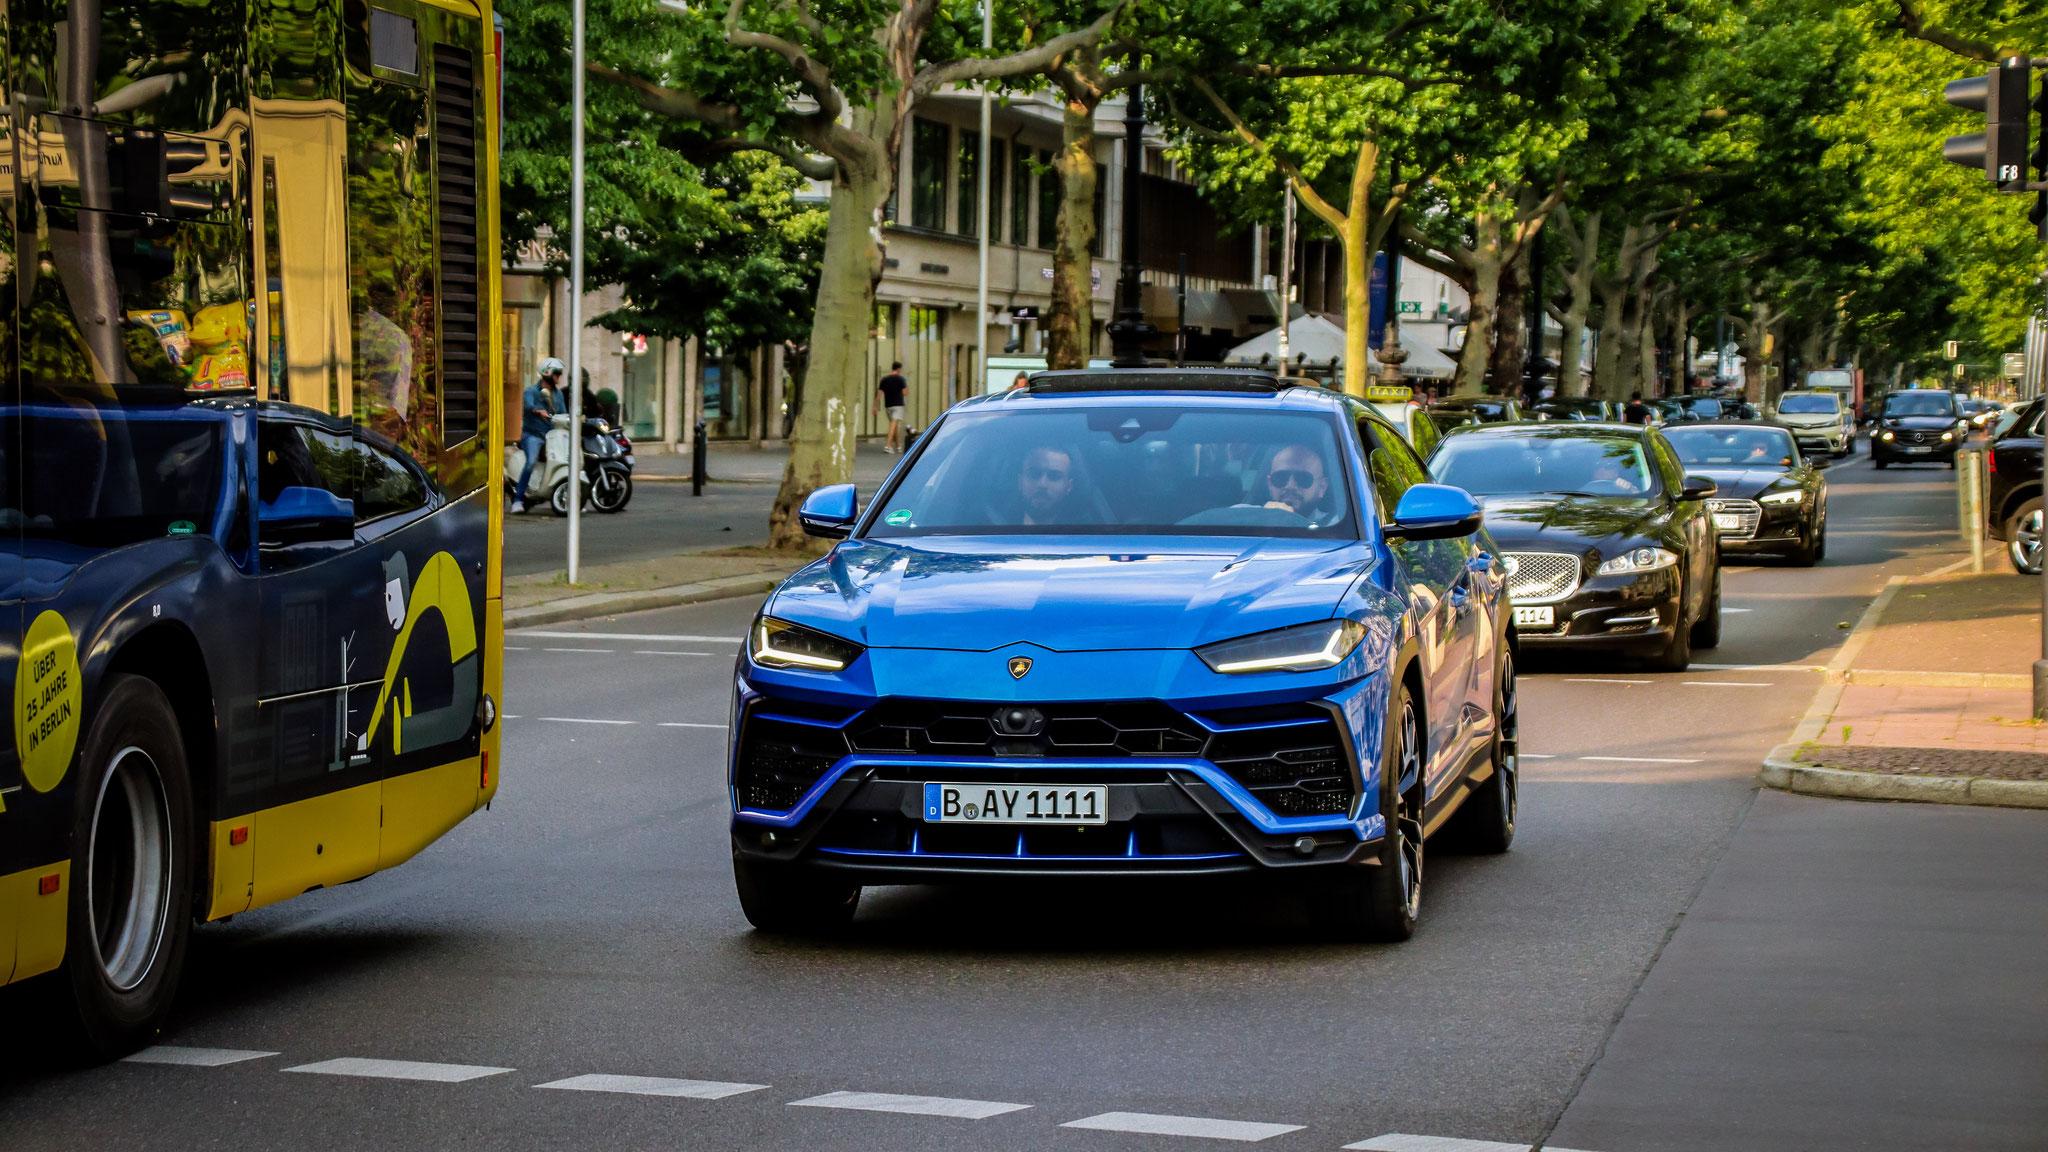 Lamborghini Urus - B-AY-1111